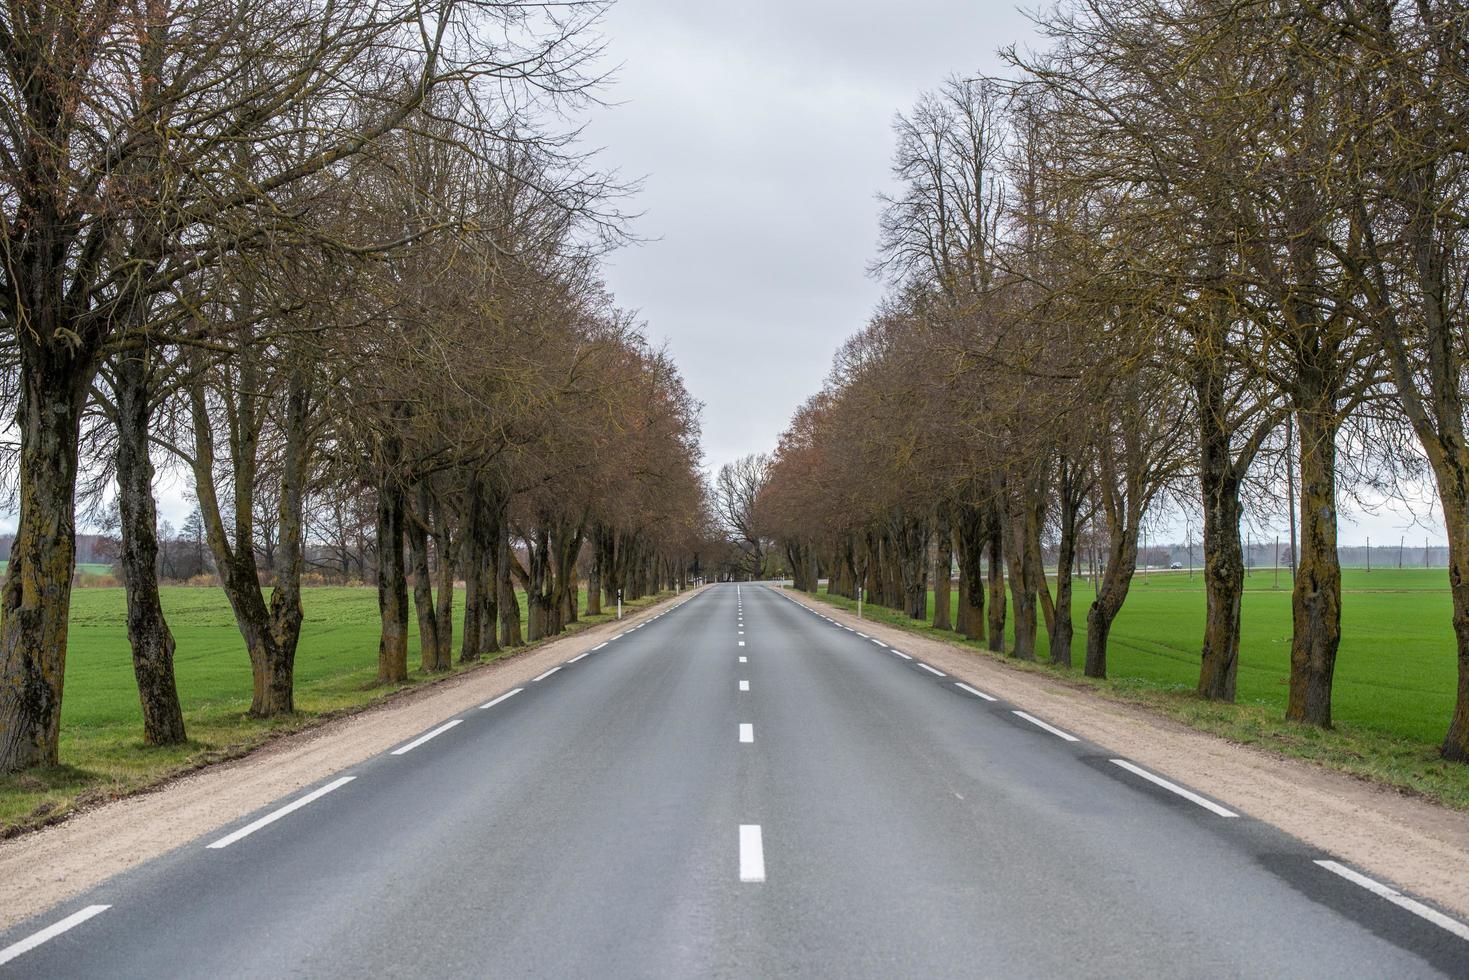 une route à travers la campagne photo